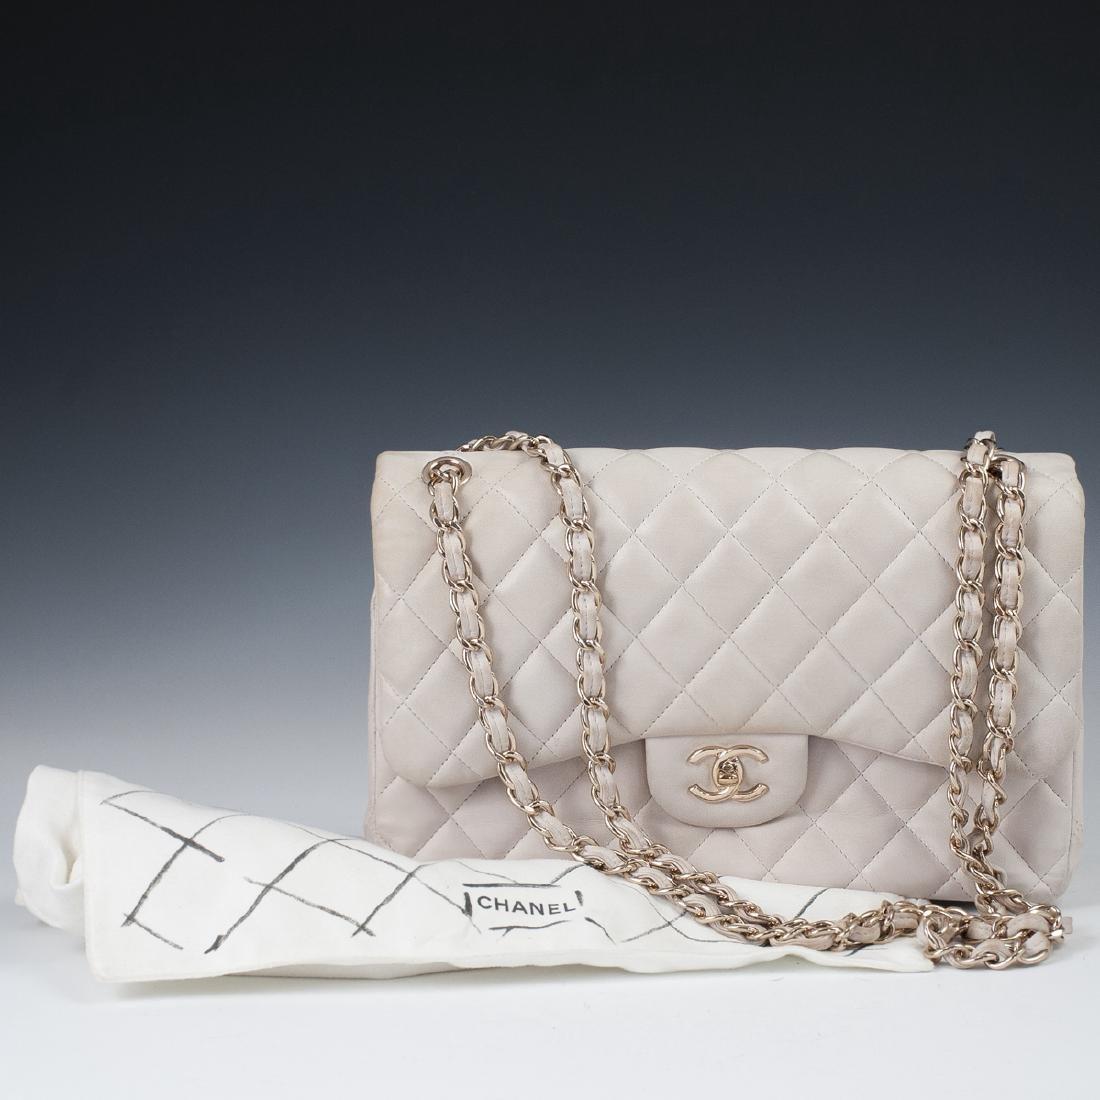 Chanel Light Beige Calfskin Flap Bag